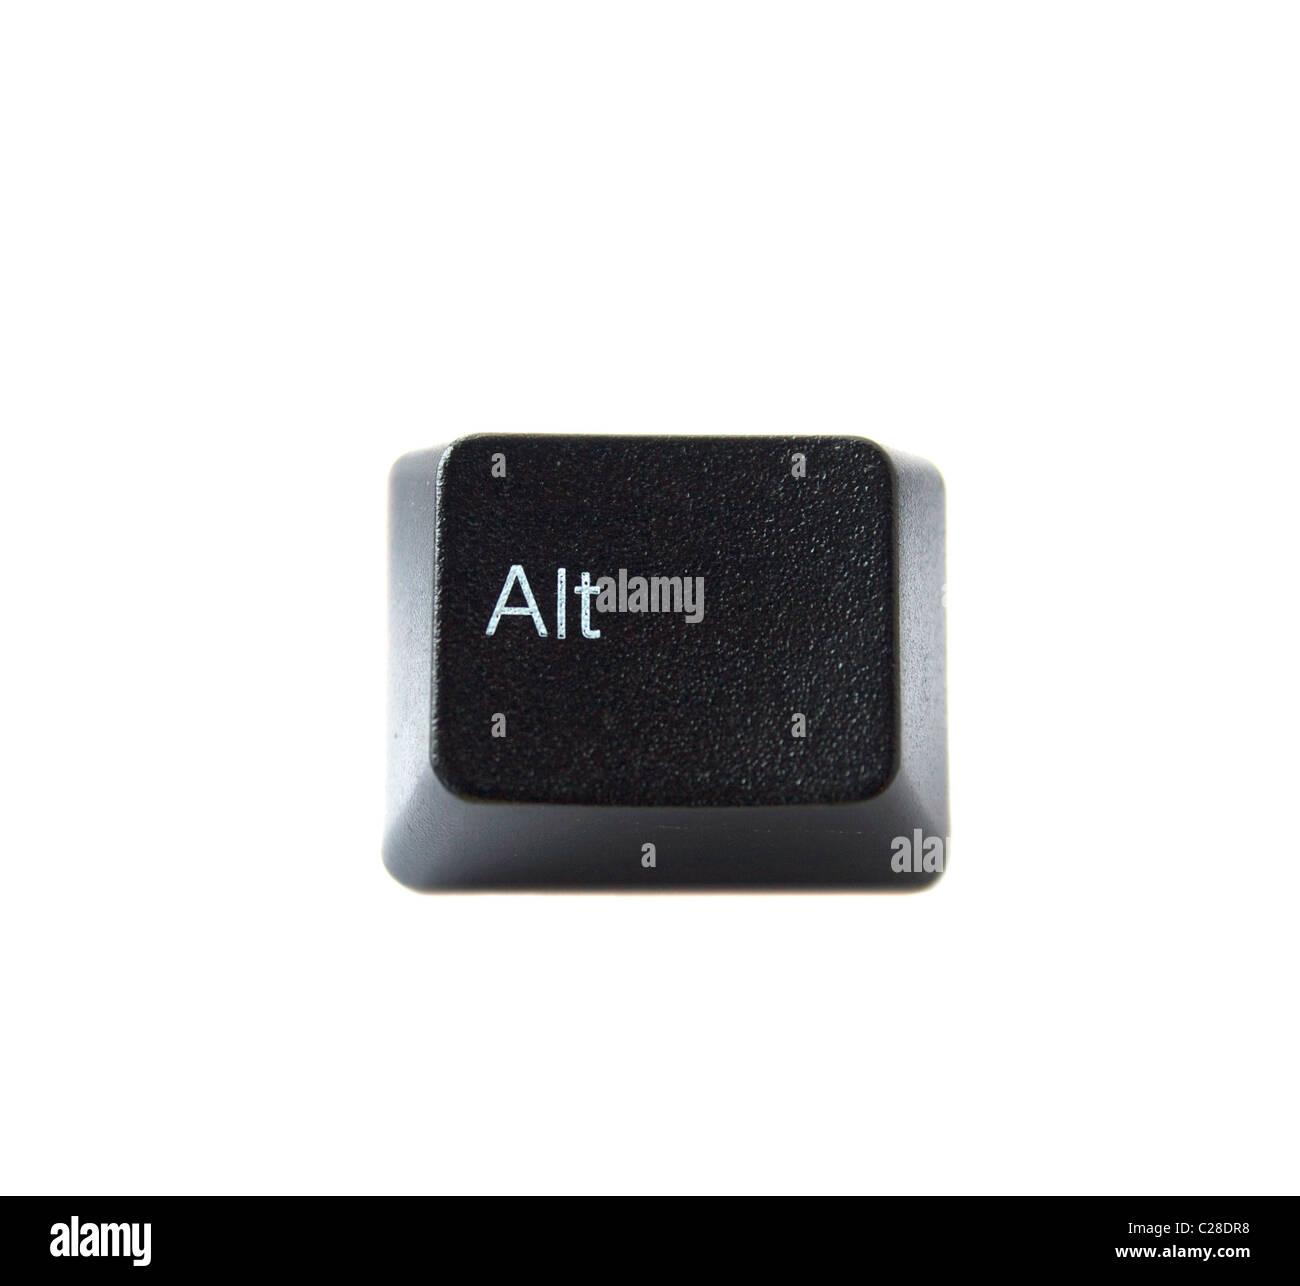 Die ALT-Taste eine schwarze Computertastatur Stockbild